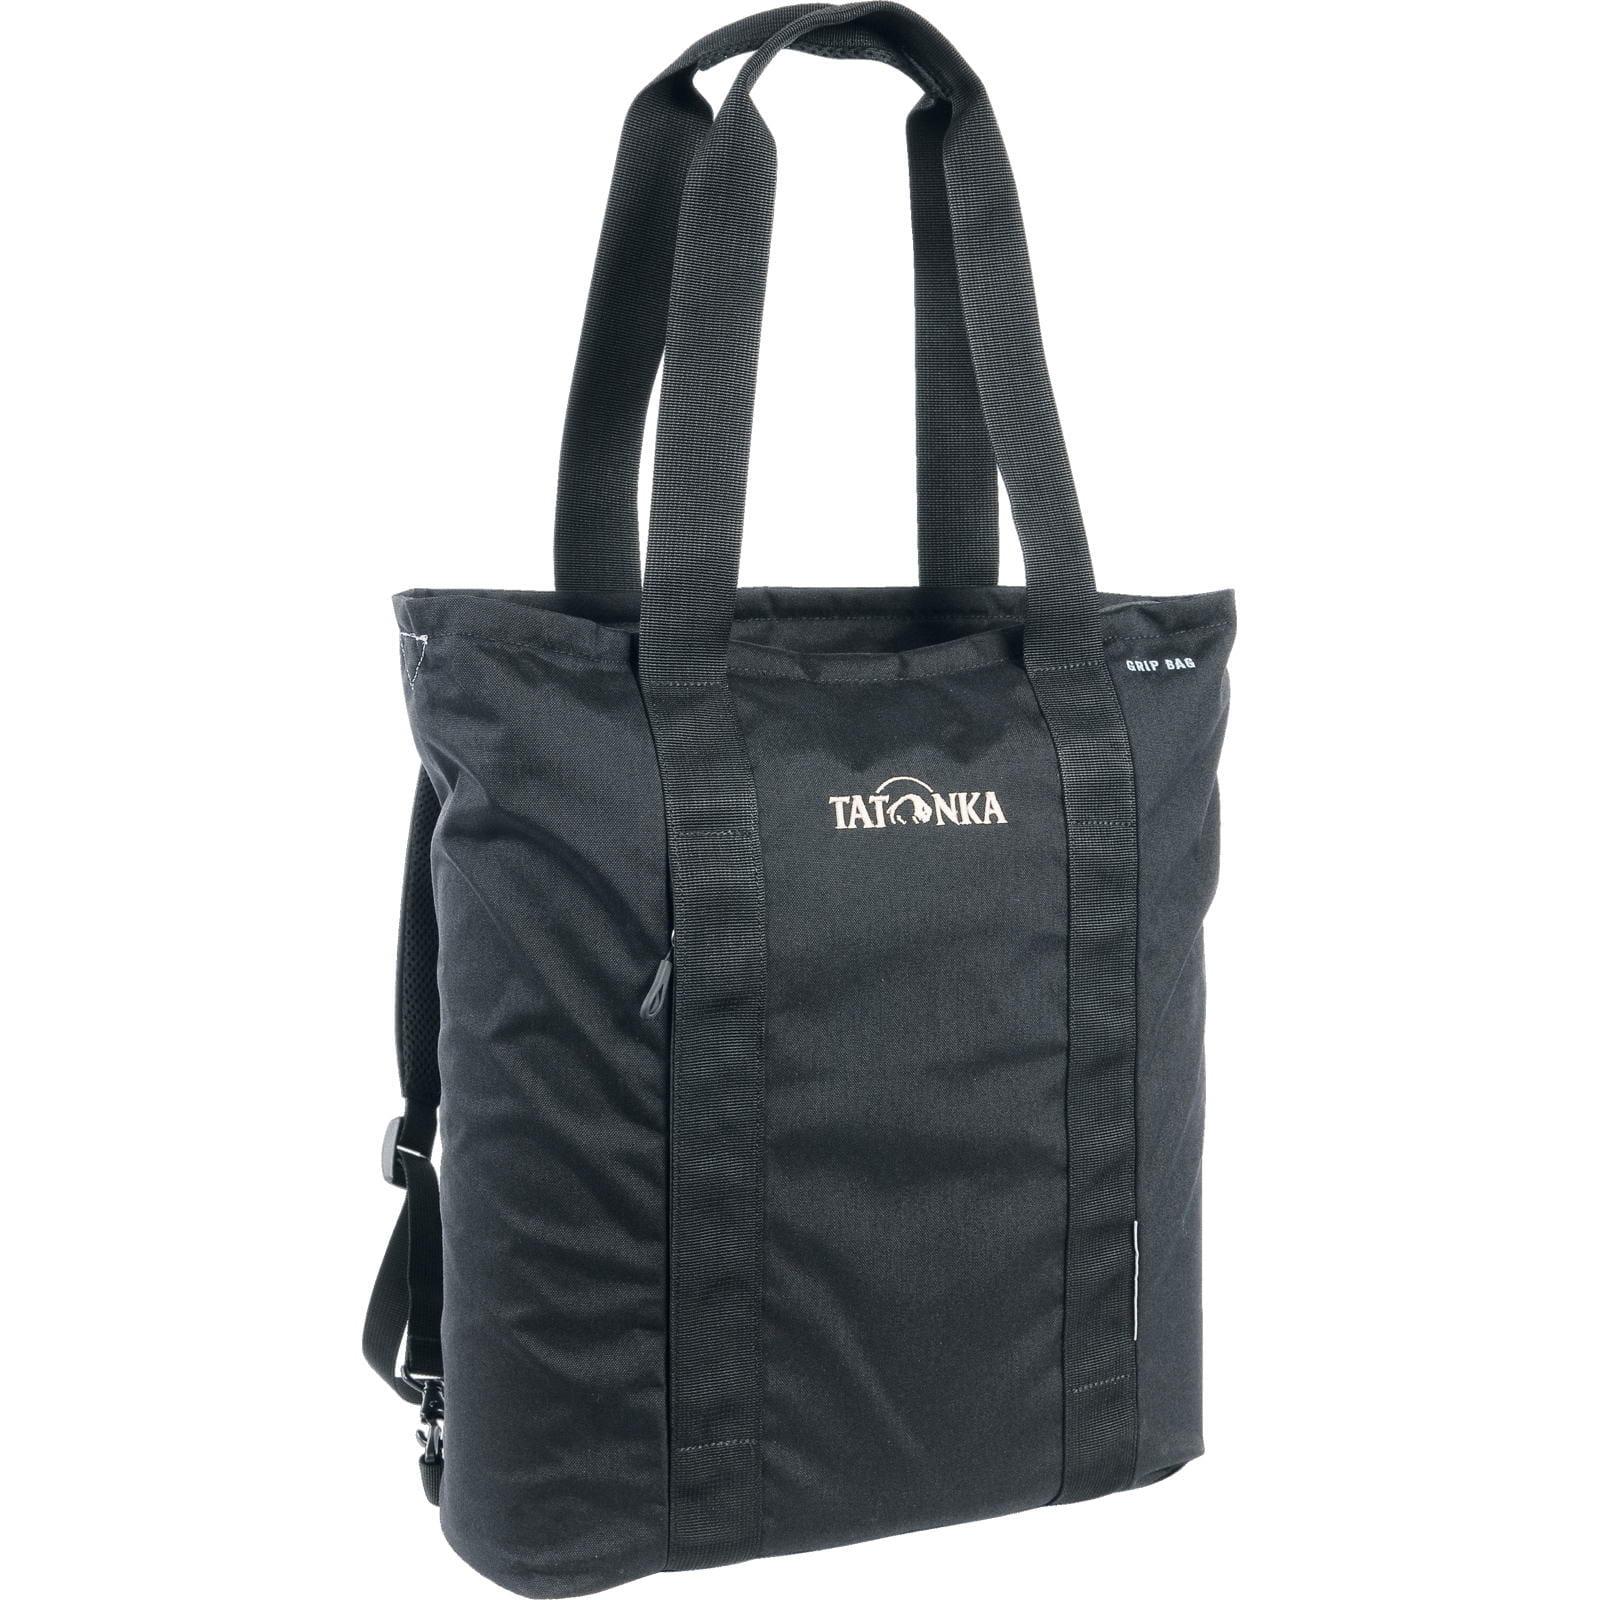 Tatonka Grip Bag - Rucksack-Einkaufstasche black